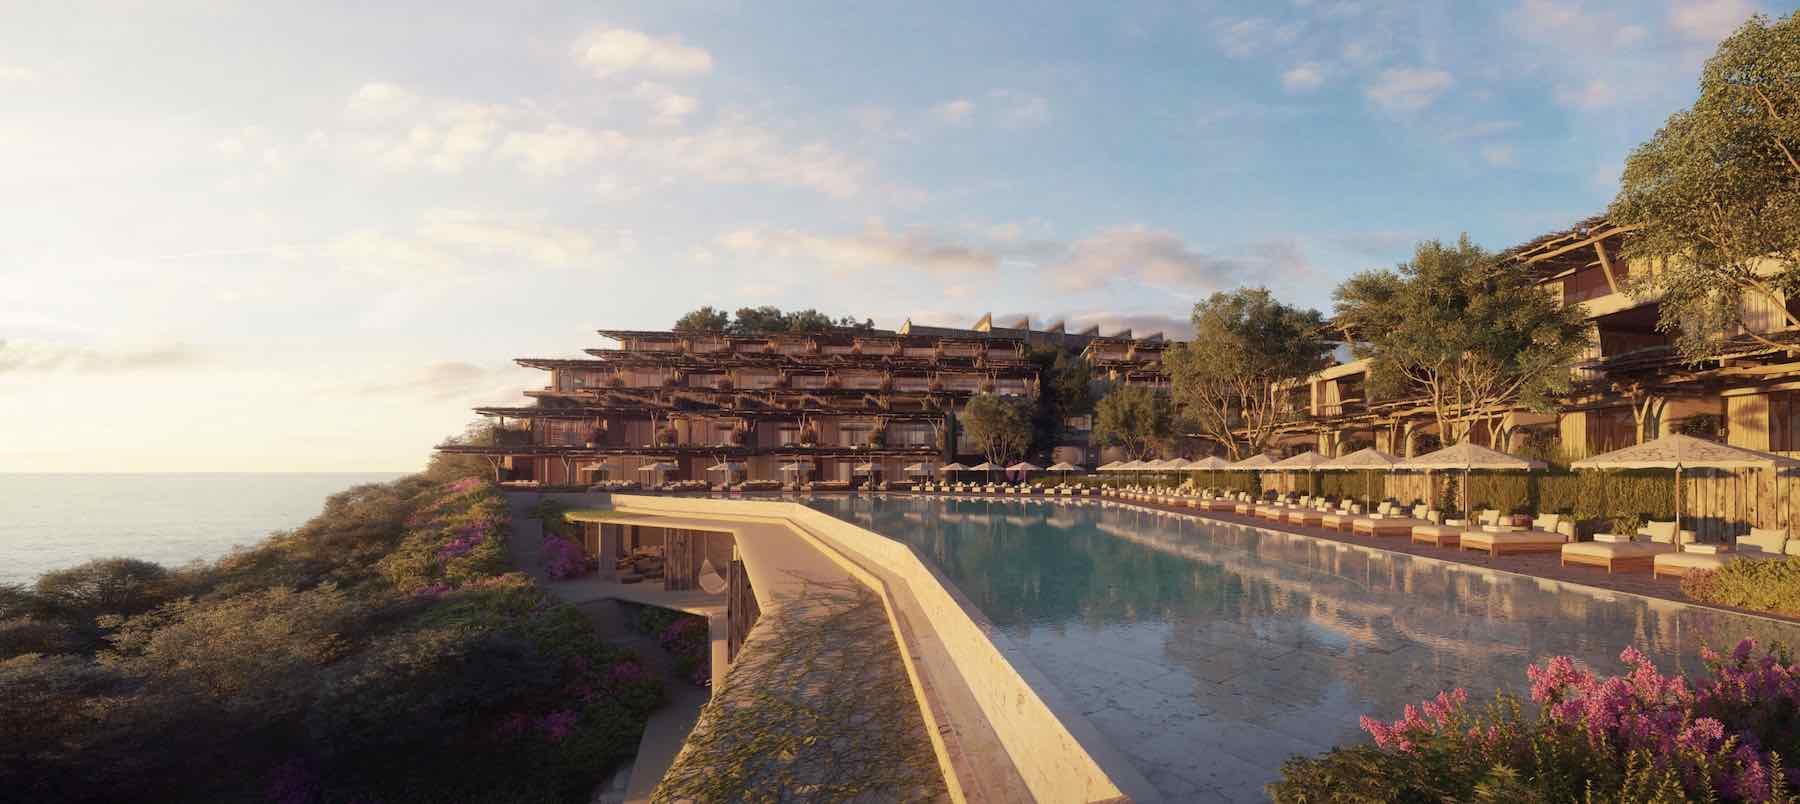 Six Senses Ibiza ofrecerá experiencias auténticas en el paraíso escondido de Cala Xarraca, a partir de julio de 2021